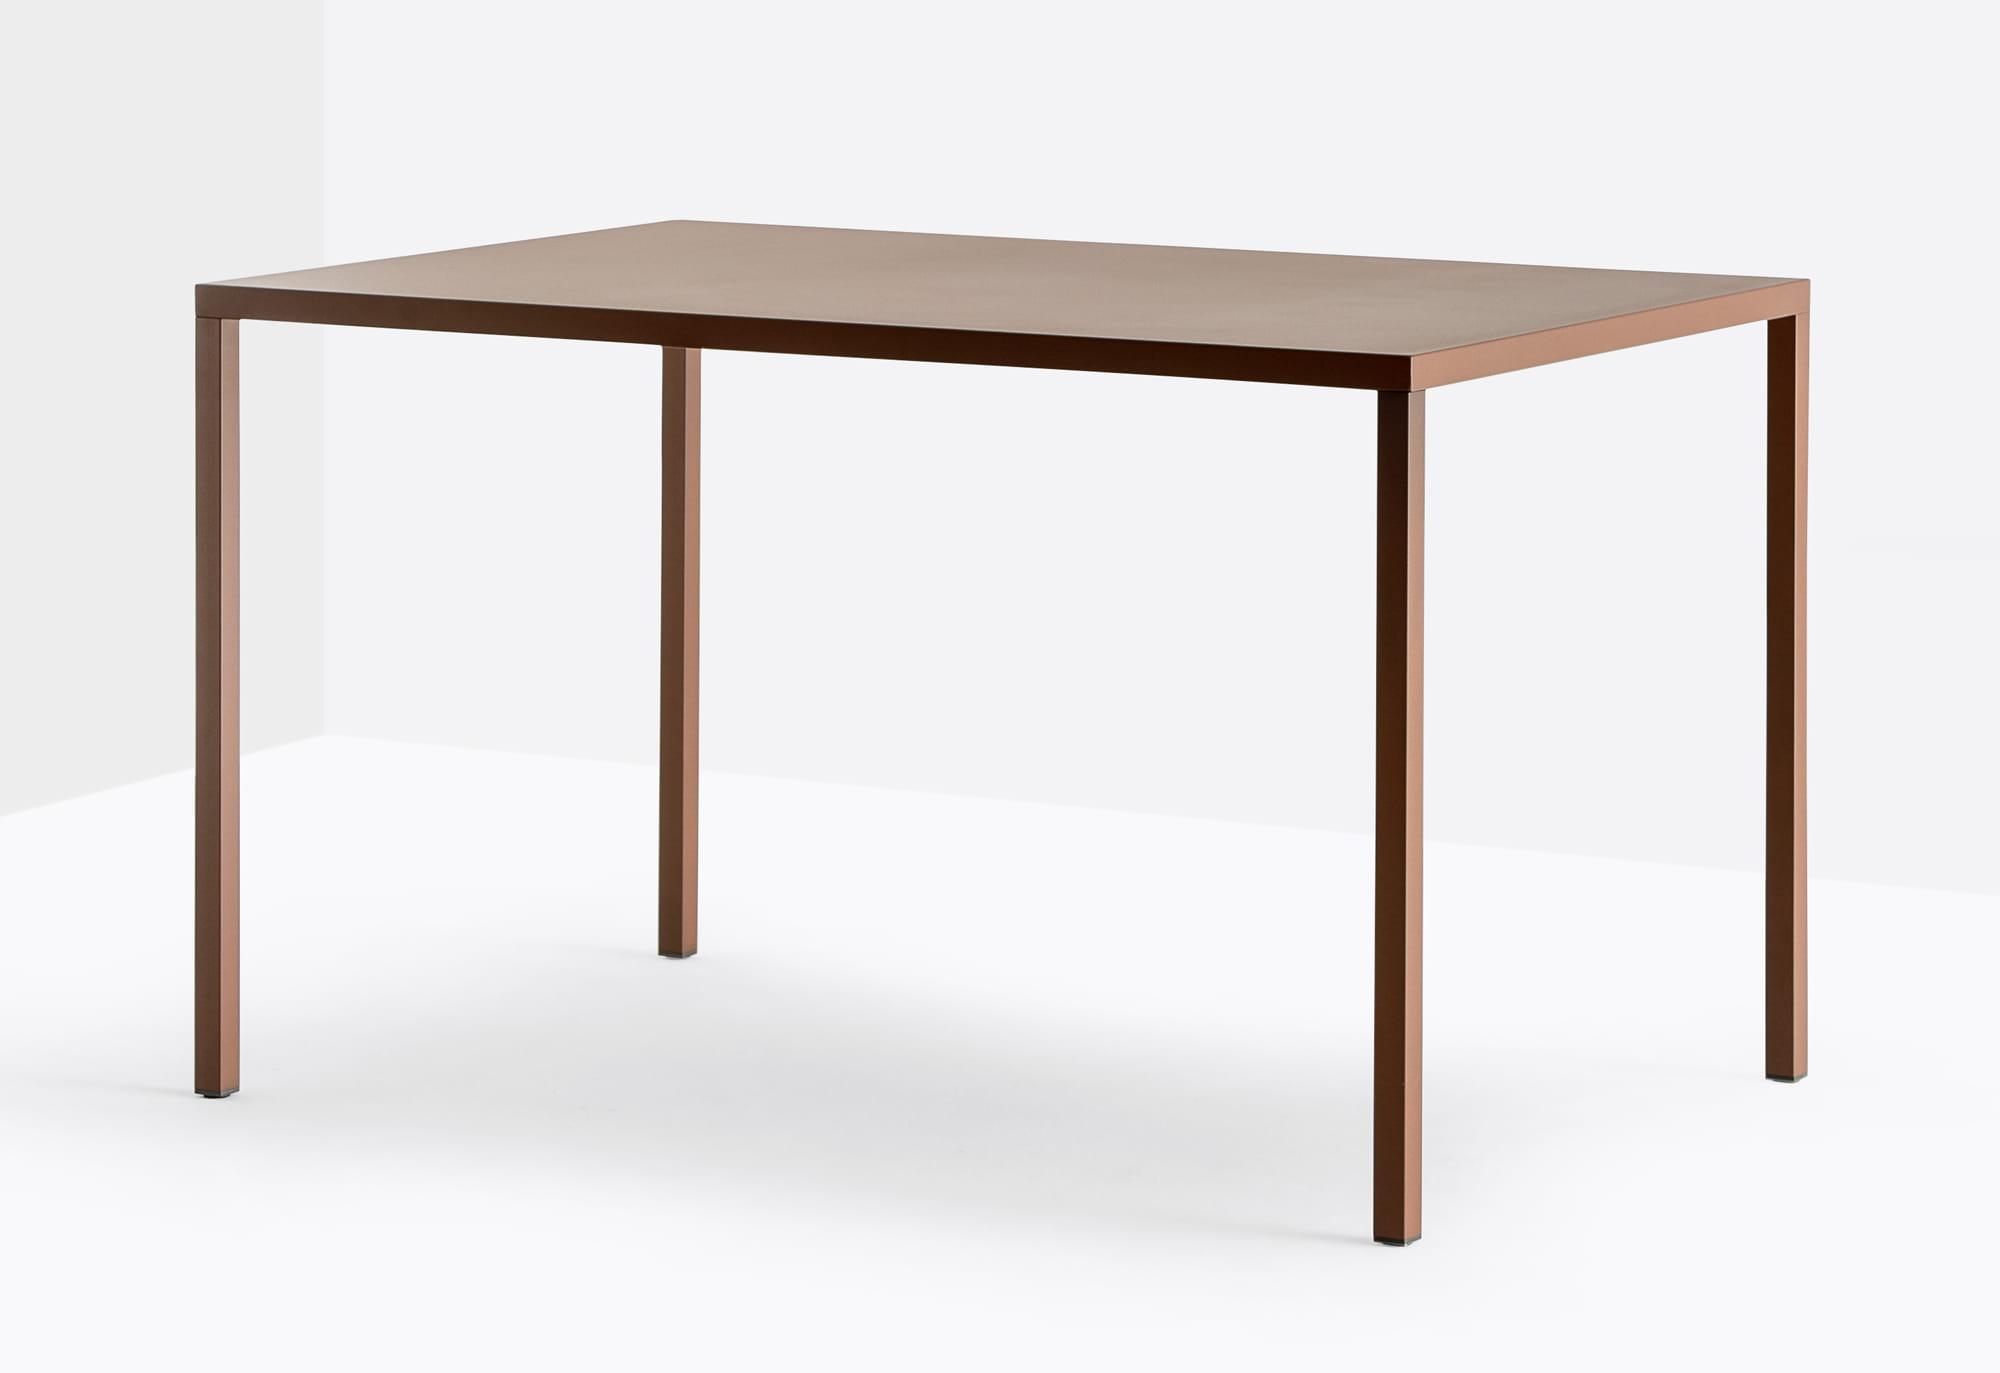 Pedrali St贸艂 Fabbrico 70×70 cm RUE Miedziany